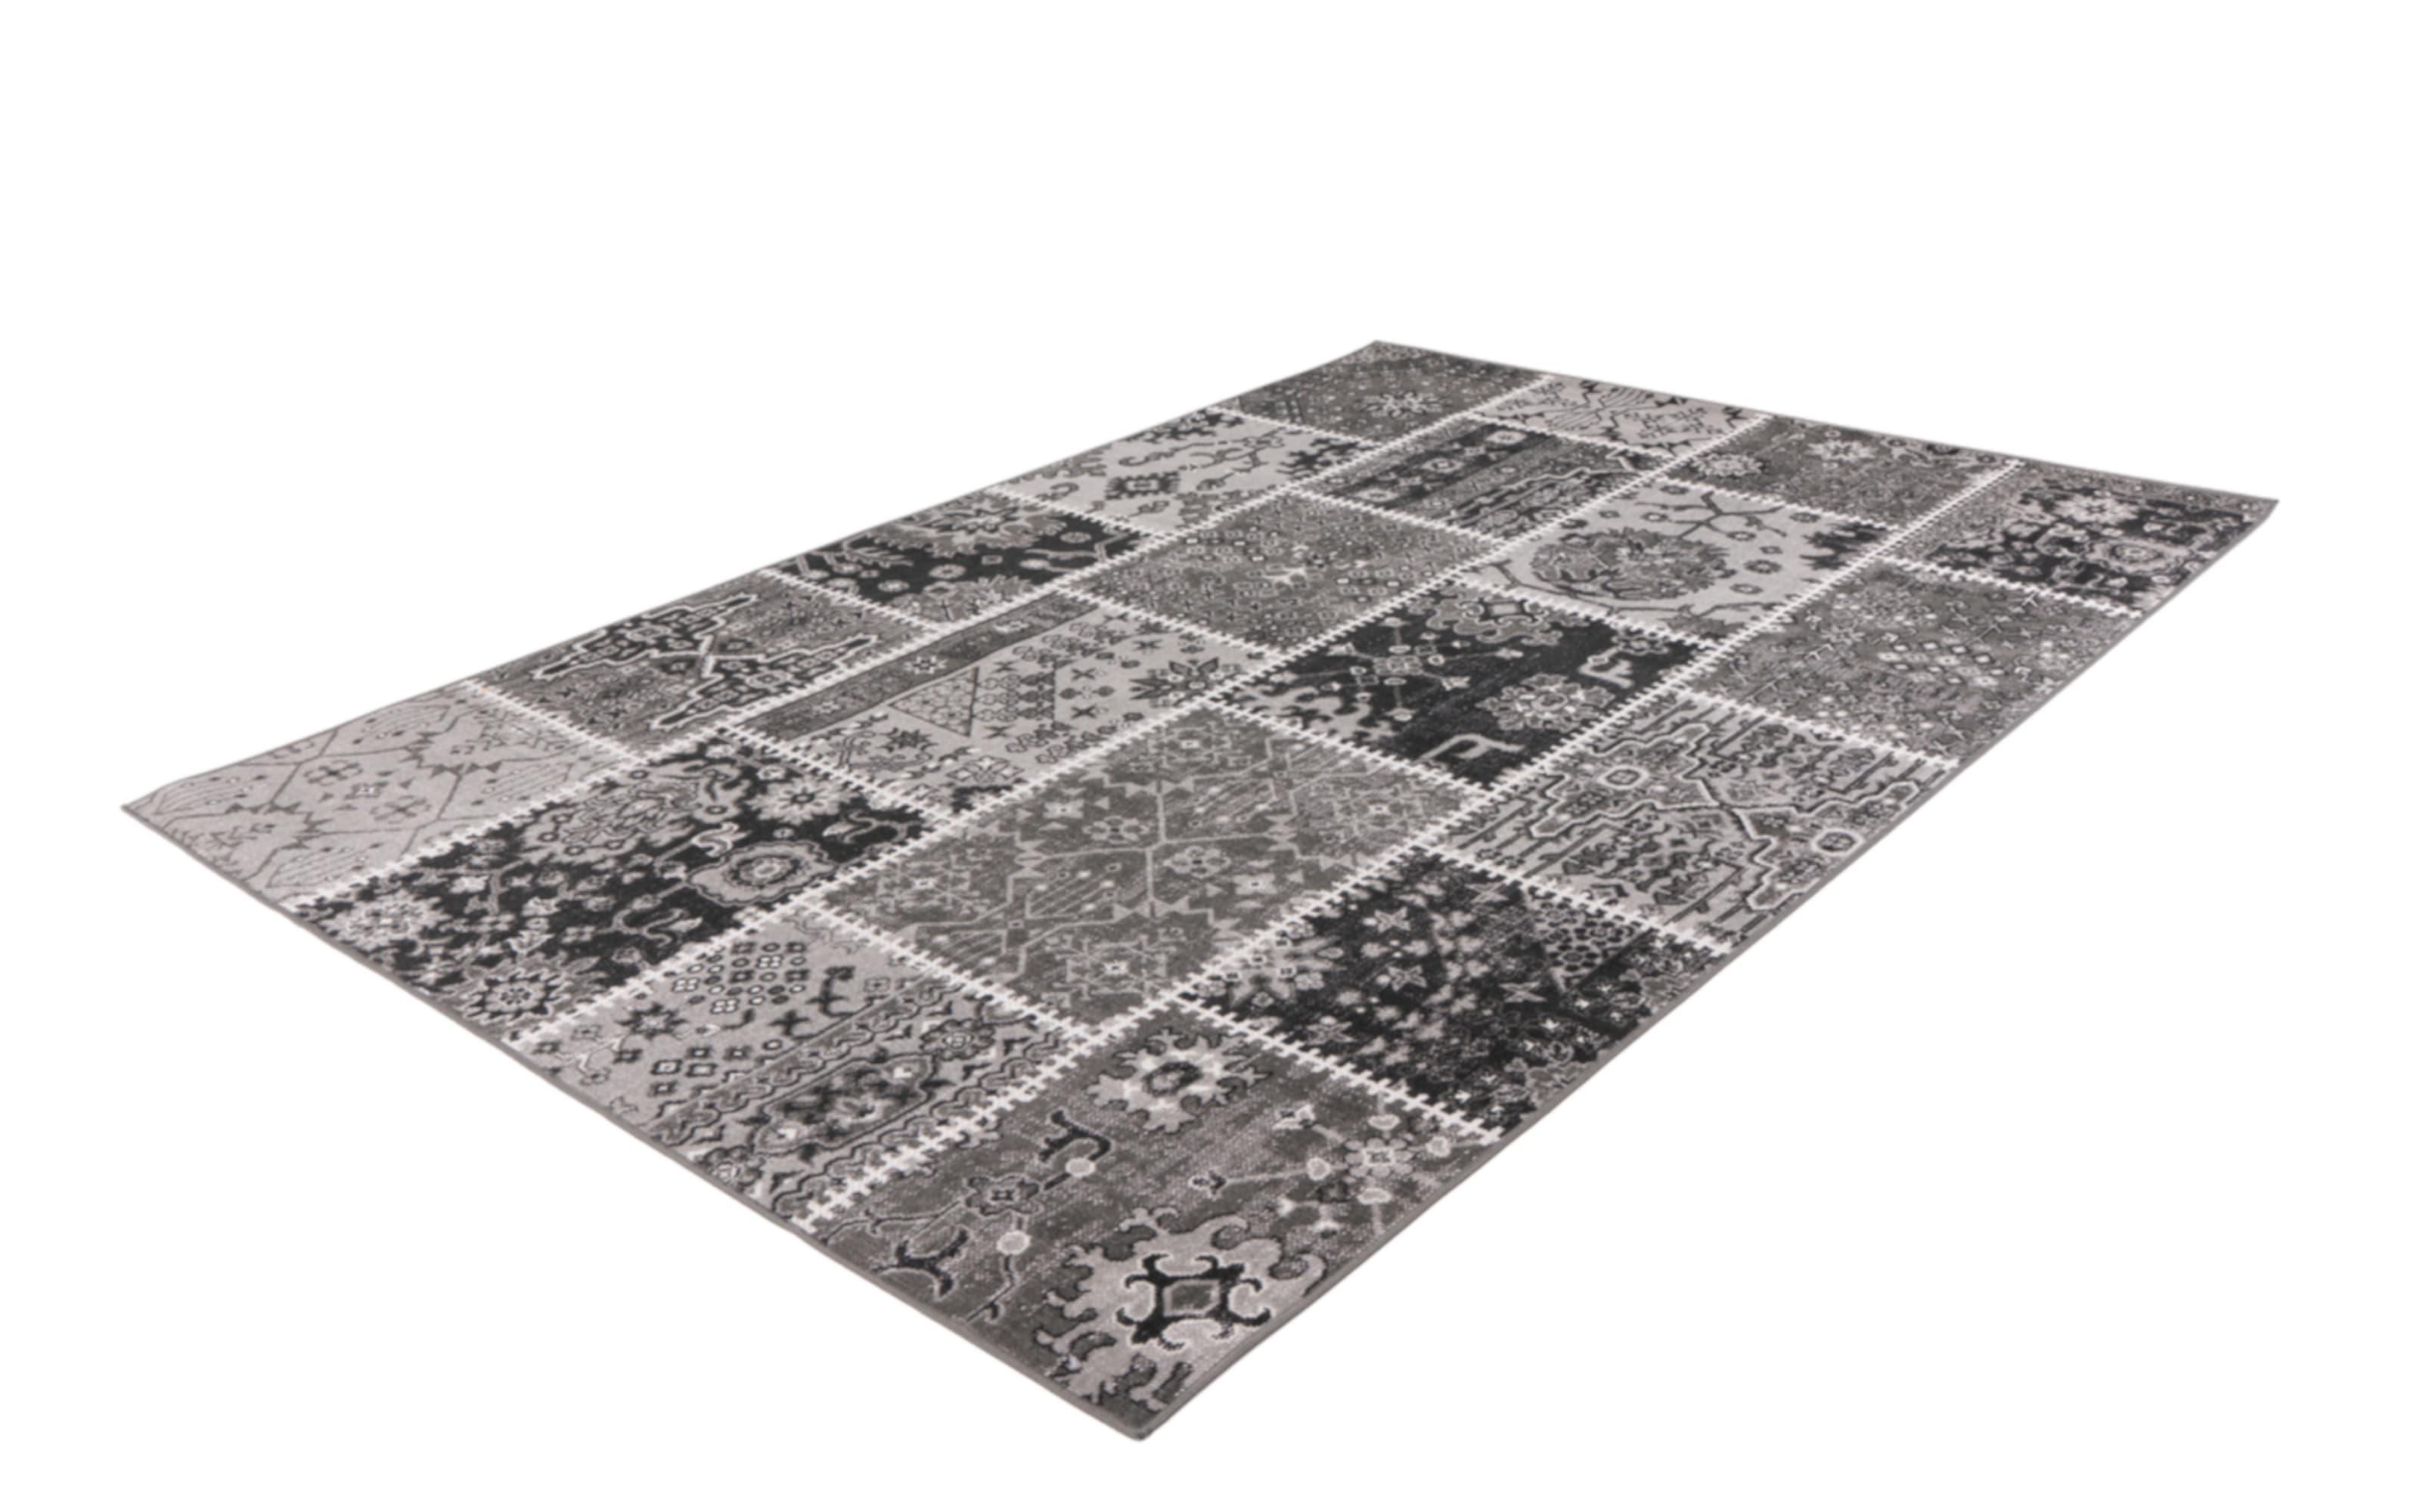 Teppich Ariya 425 in grau, 120 x 170 cm